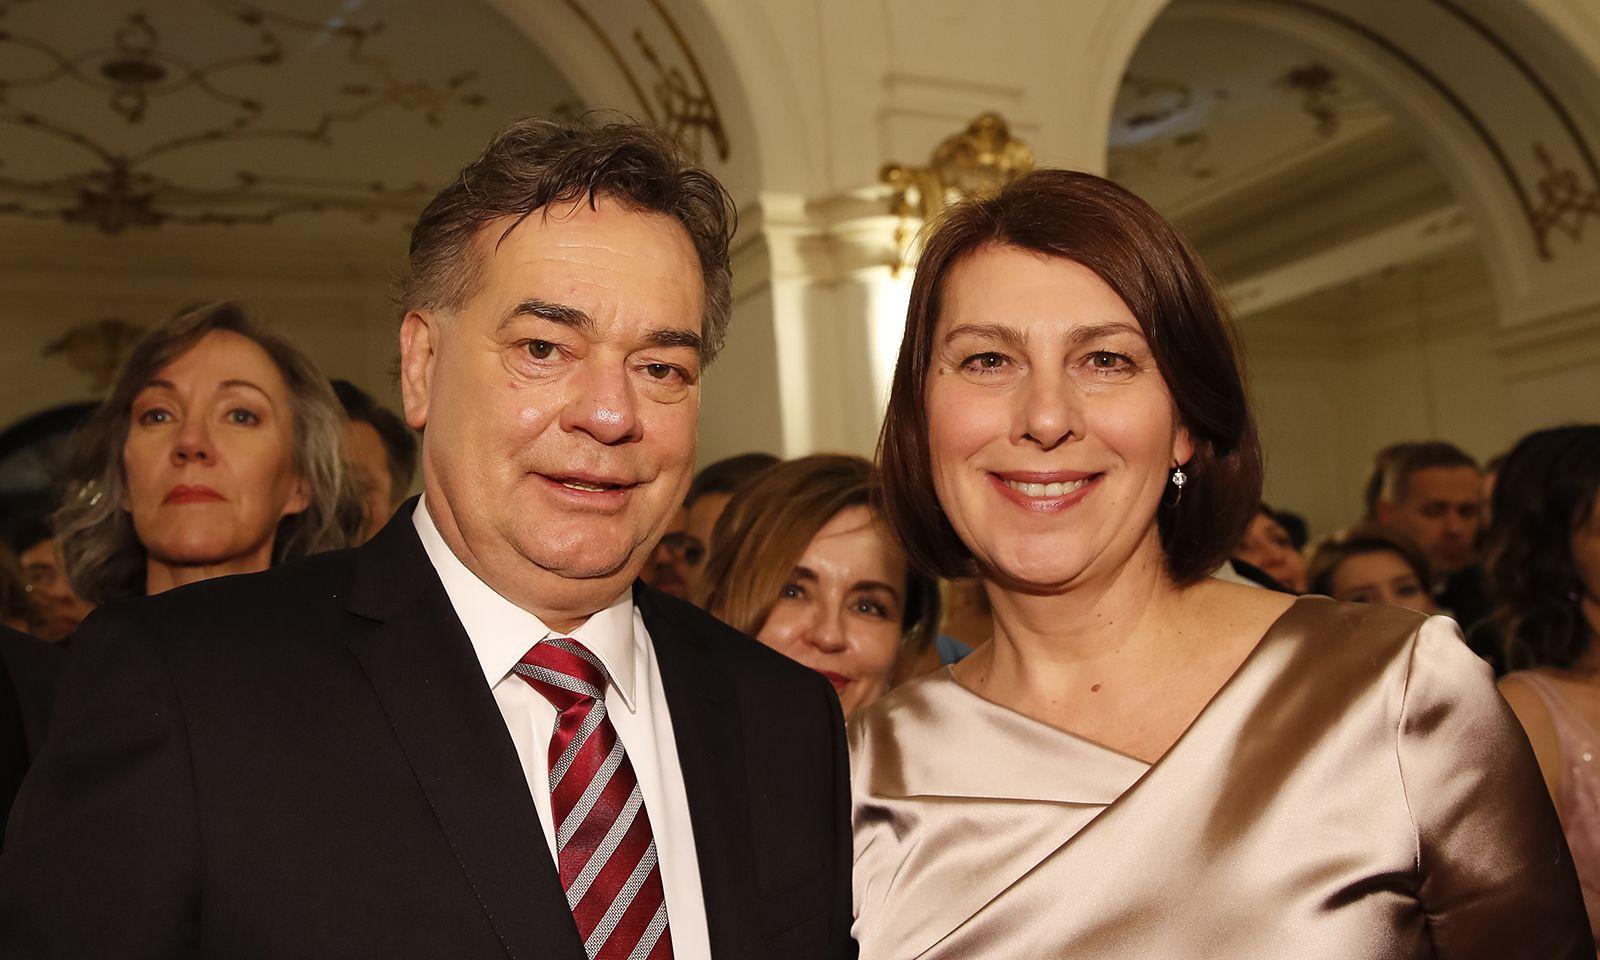 Vizekanzler Werner Kogler (Grüne) kam mit Sabine Jungwirth (Grüne Wirtschaft).